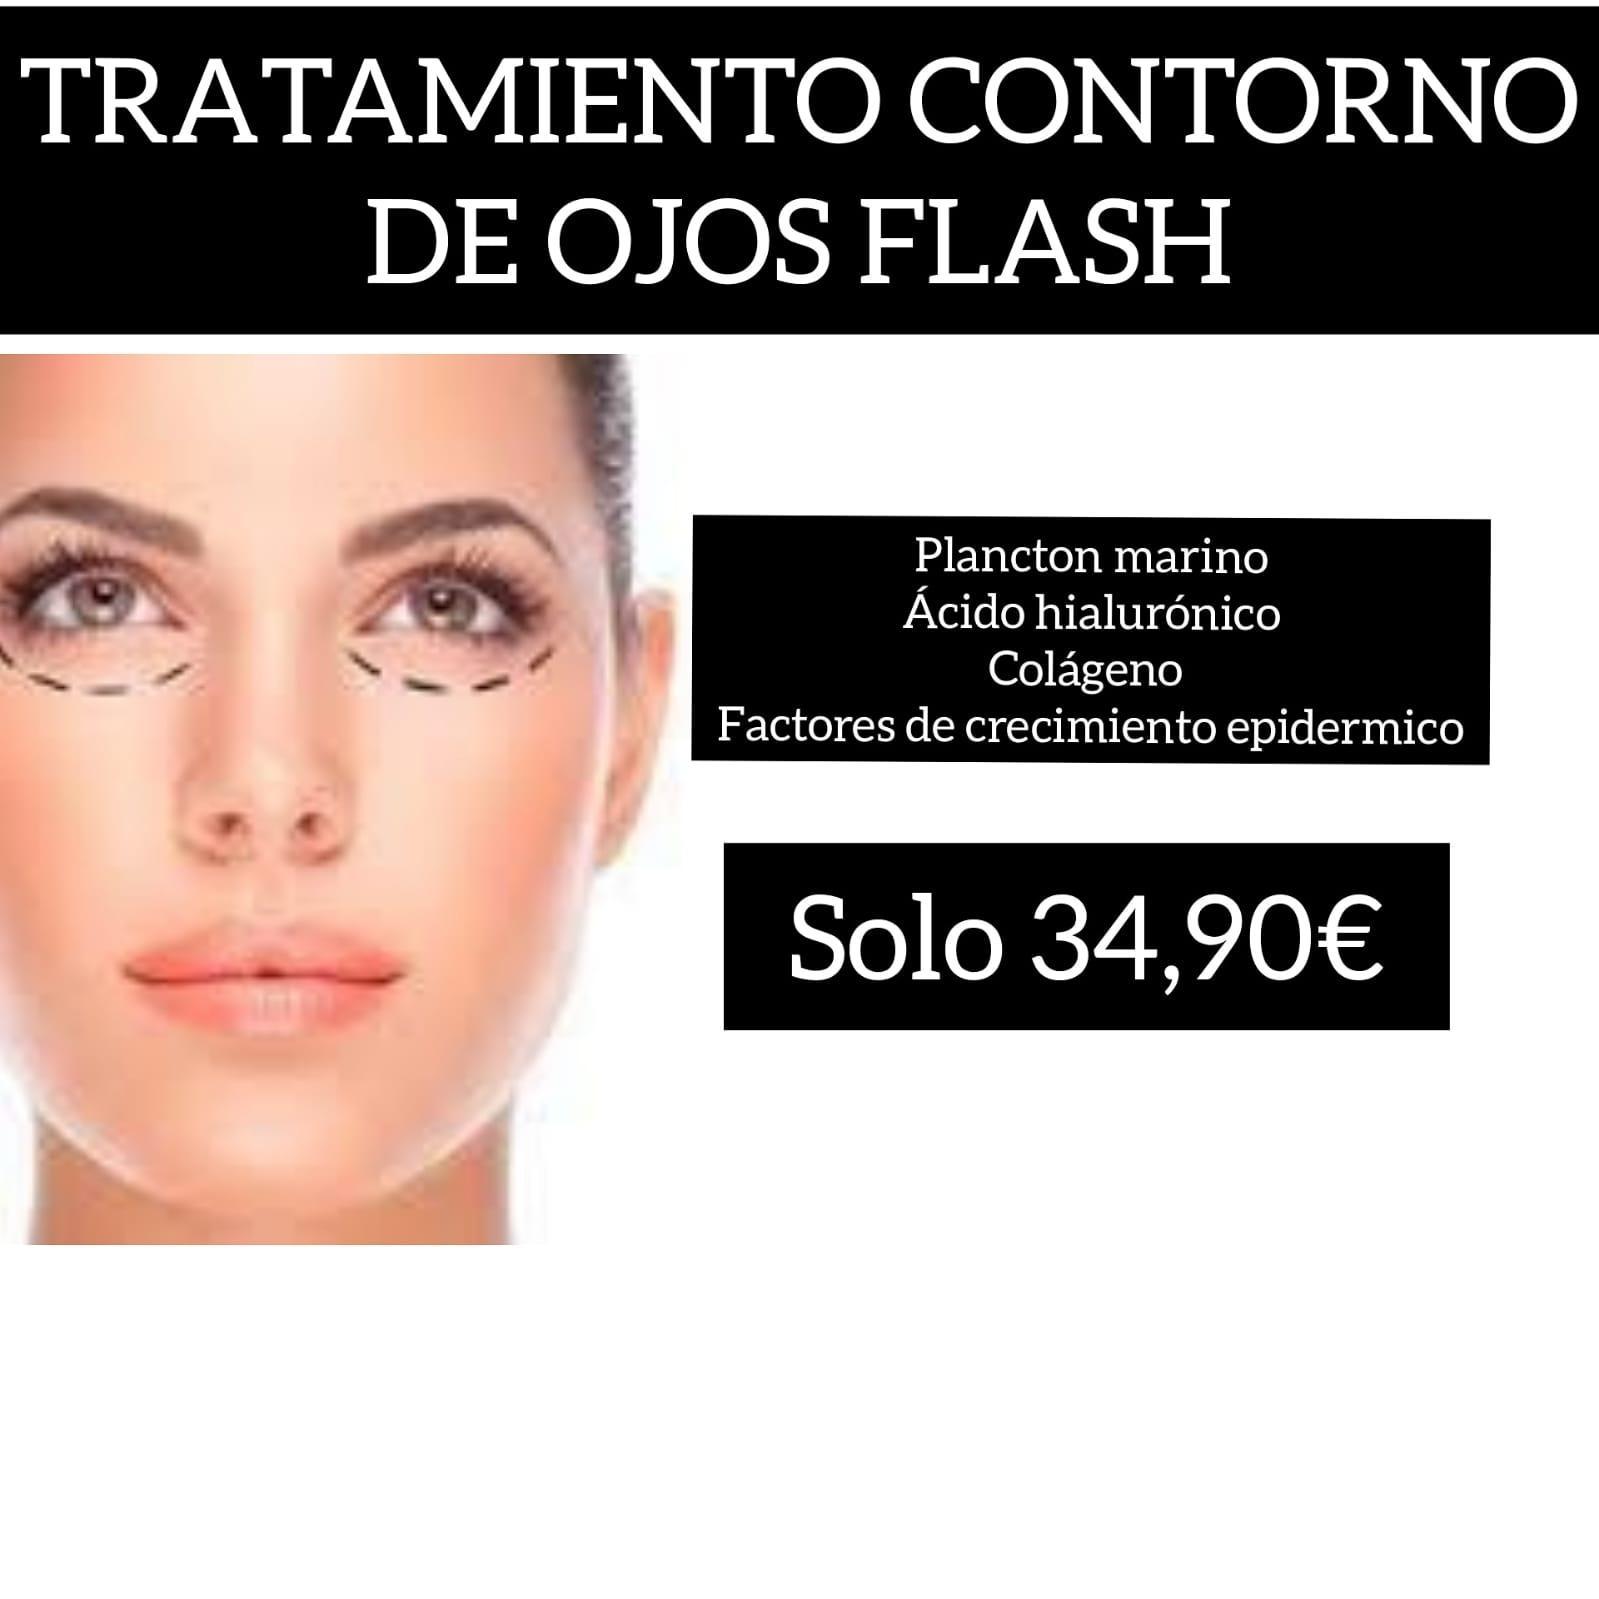 TRATAMIENTO CONTORNO DE OJOS FLASH CON MICROAGUJAS